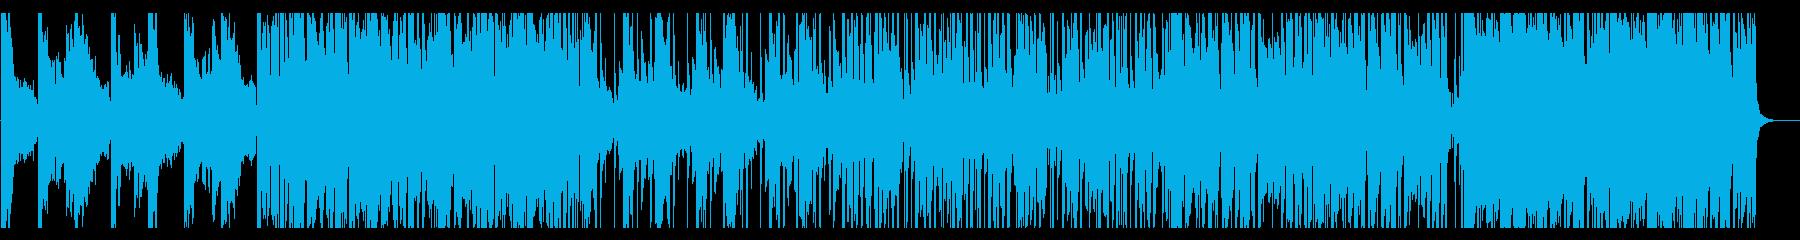 情緒的/R&B_No399_2の再生済みの波形